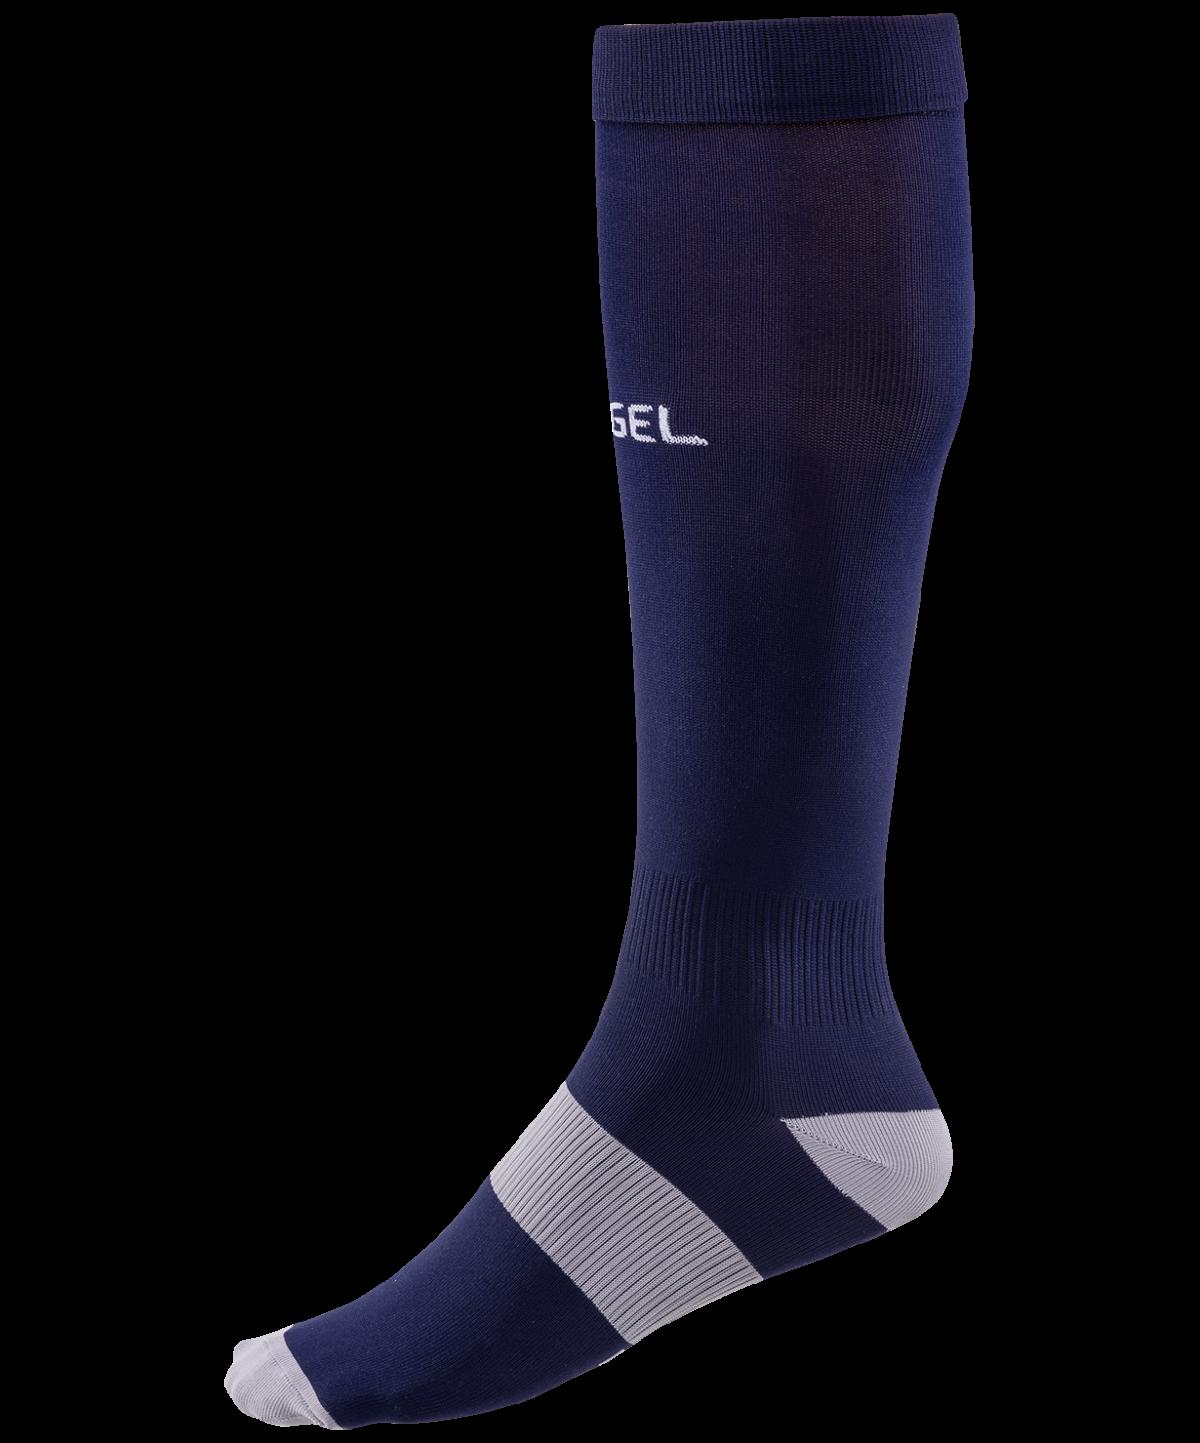 JOGEL Гетры футбольные Essentiаl,  темно-синий/серый  JA-006 - 1